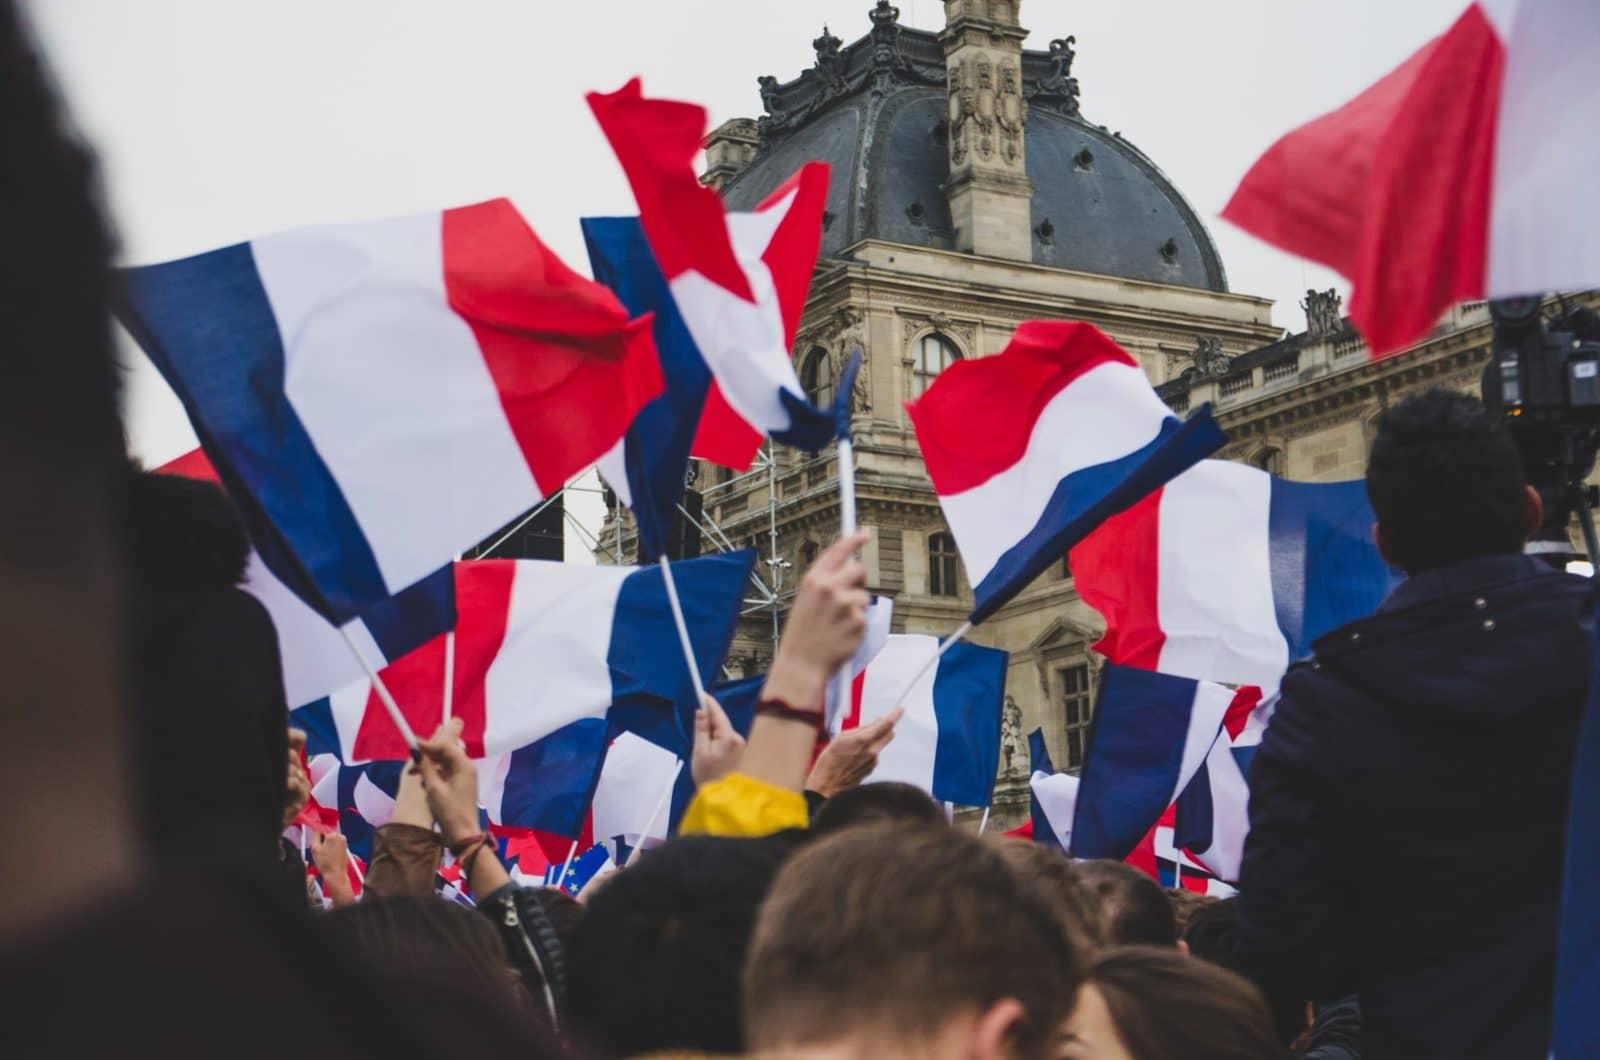 Le Made In France séduit-il vraiment ?